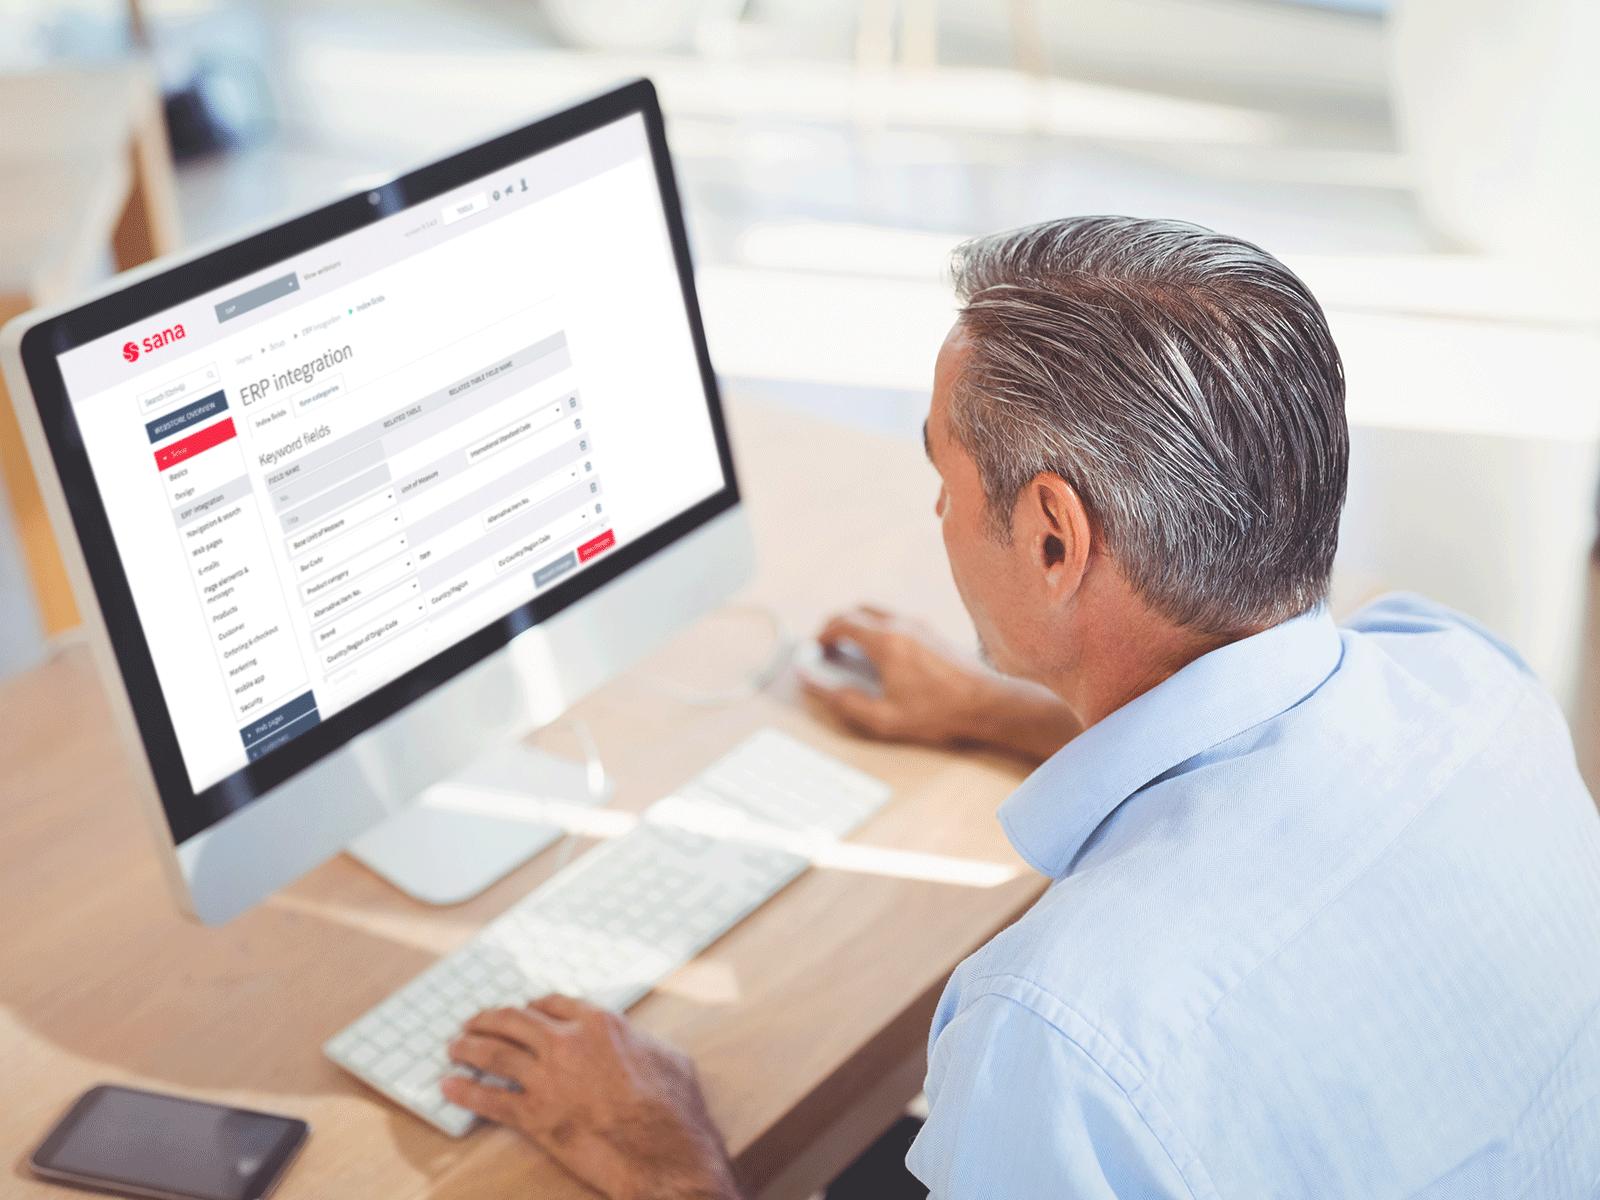 Sana Commerce desktop